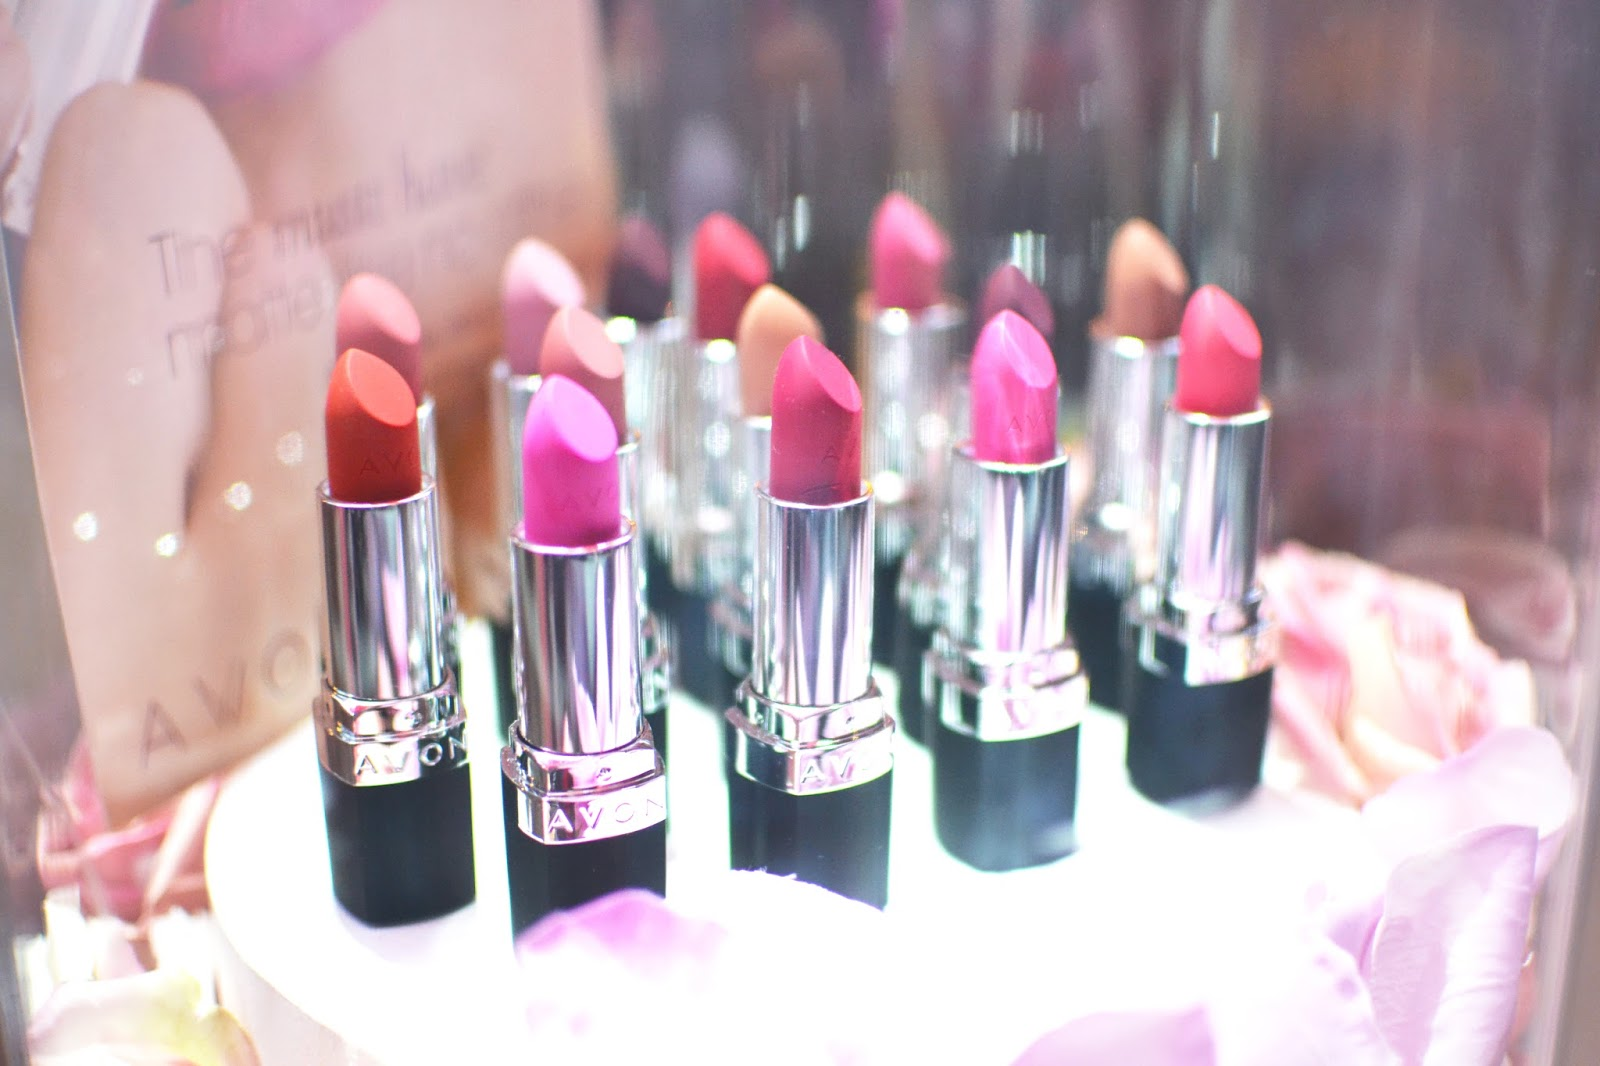 Avon matte lipsticks